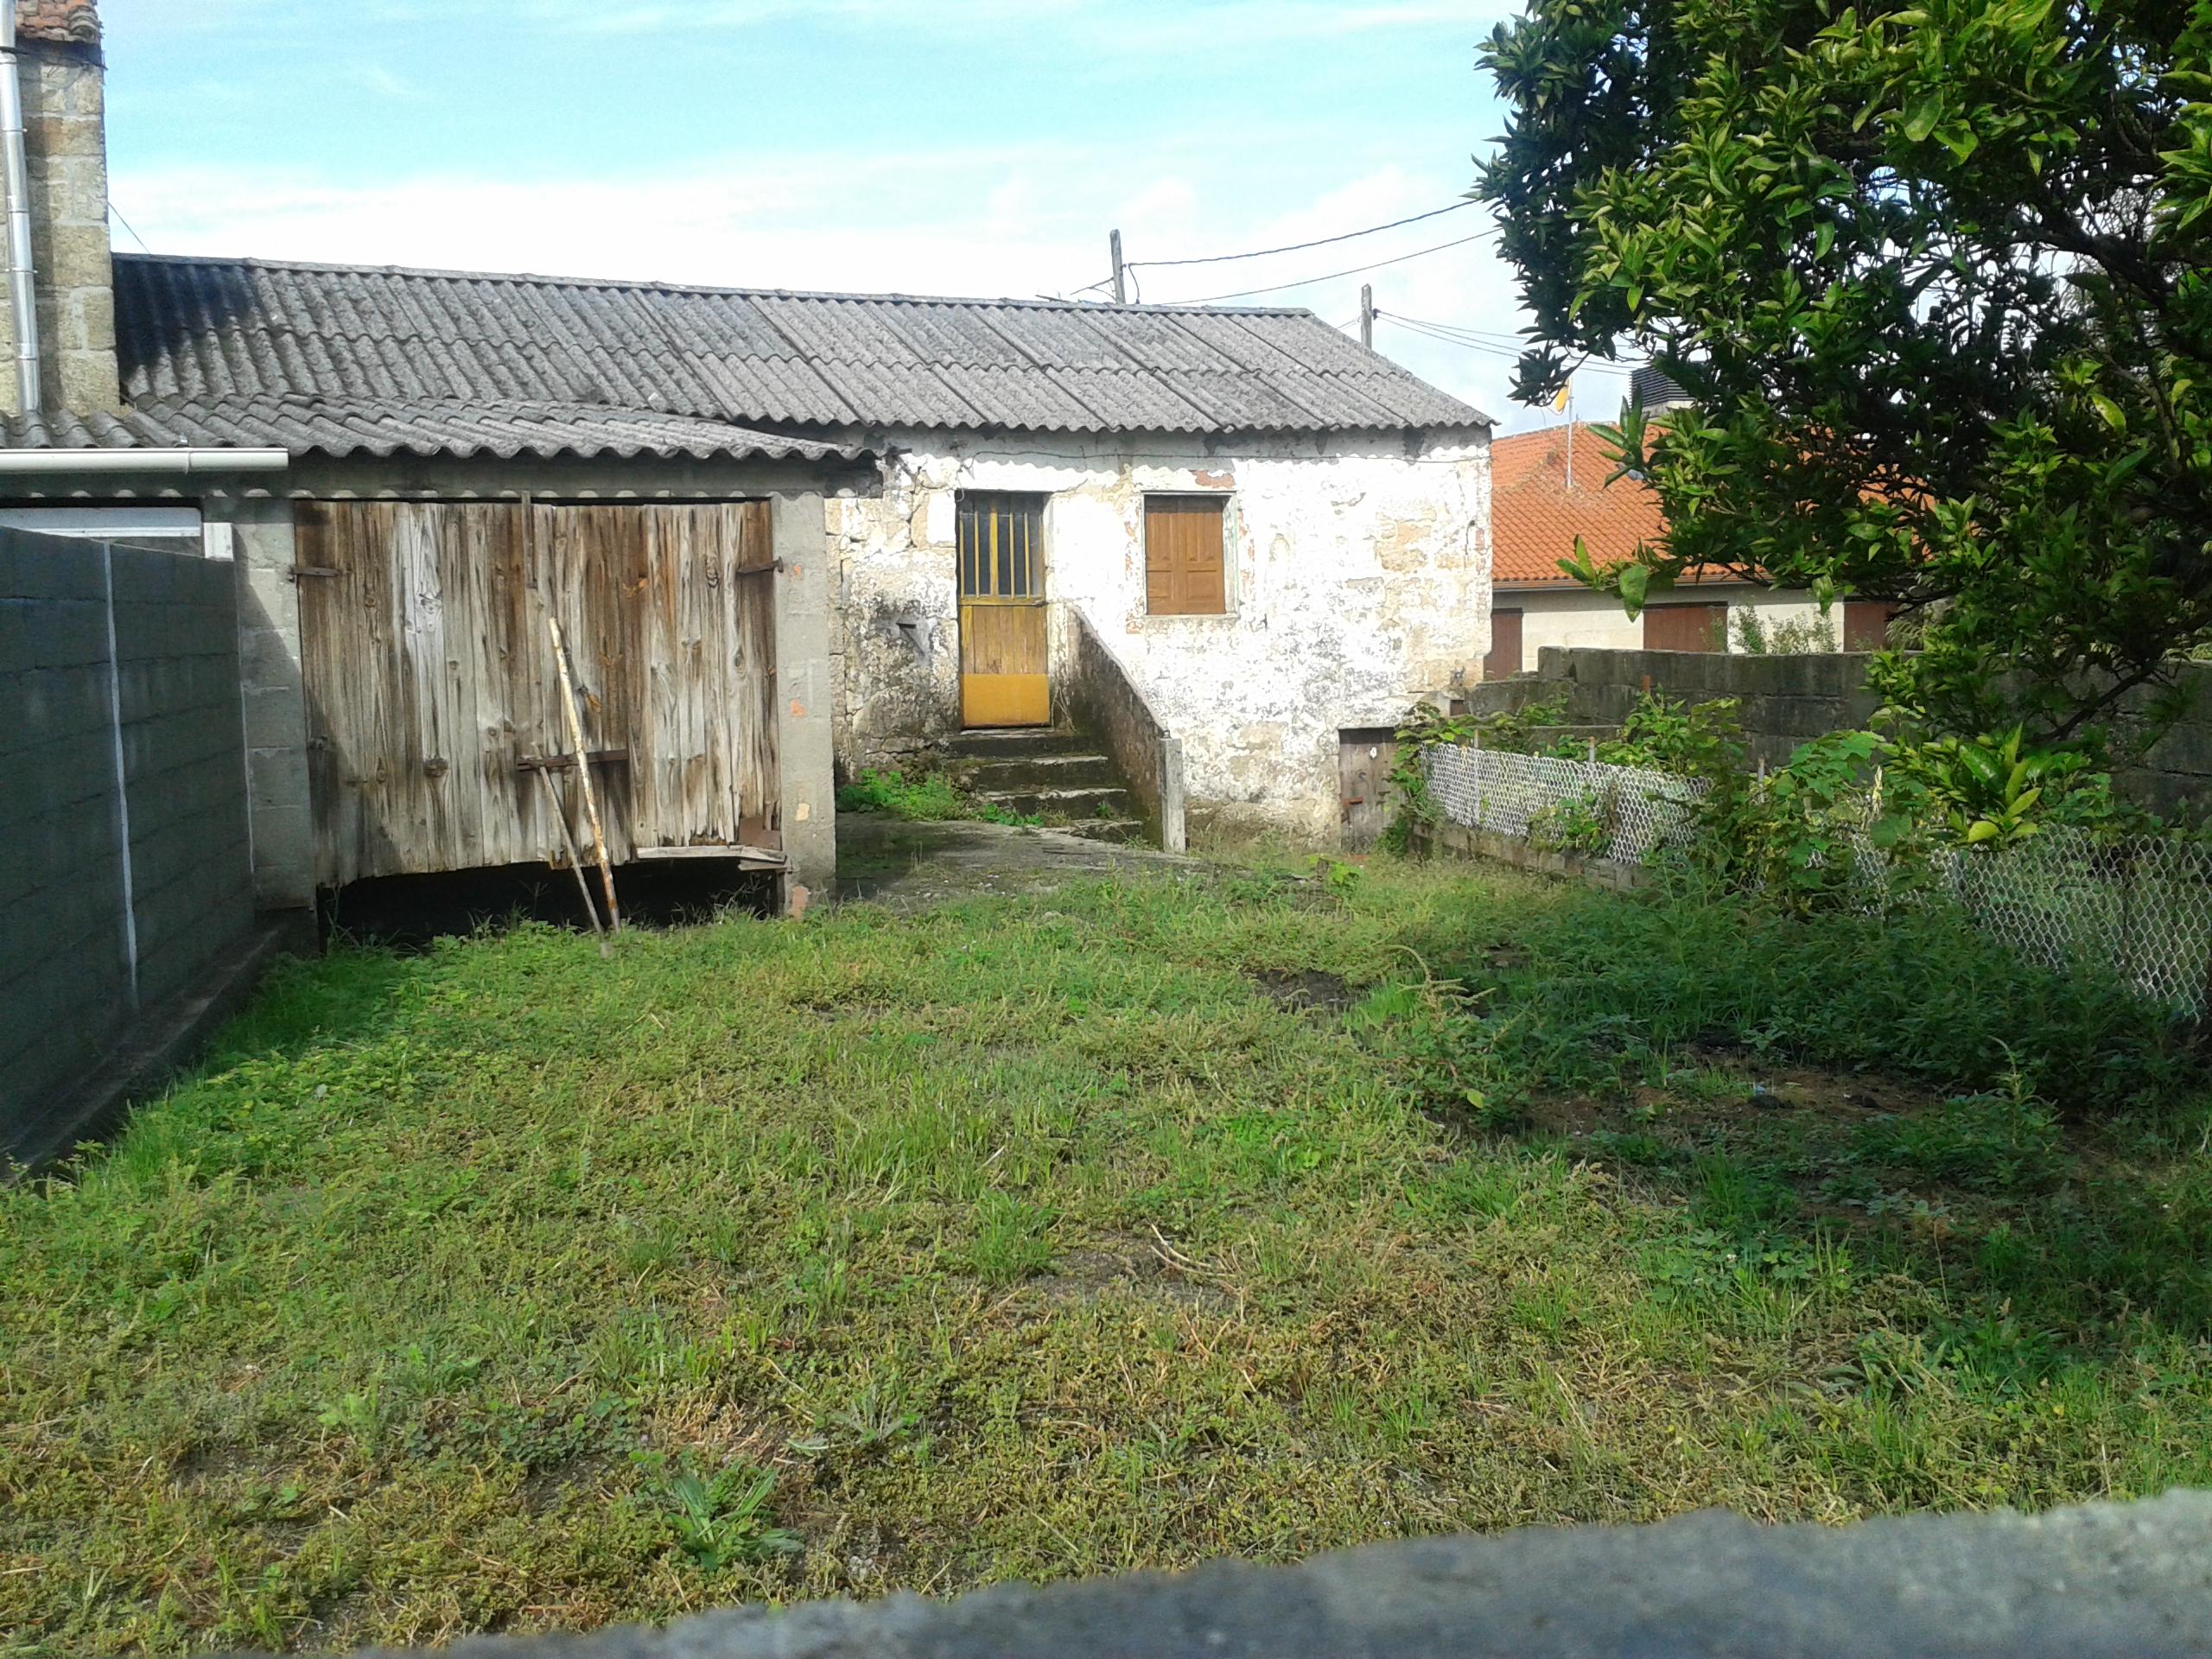 Cng inmobiliaria en poio casa para restaurar en mourente - Casas para restaurar en pontevedra ...